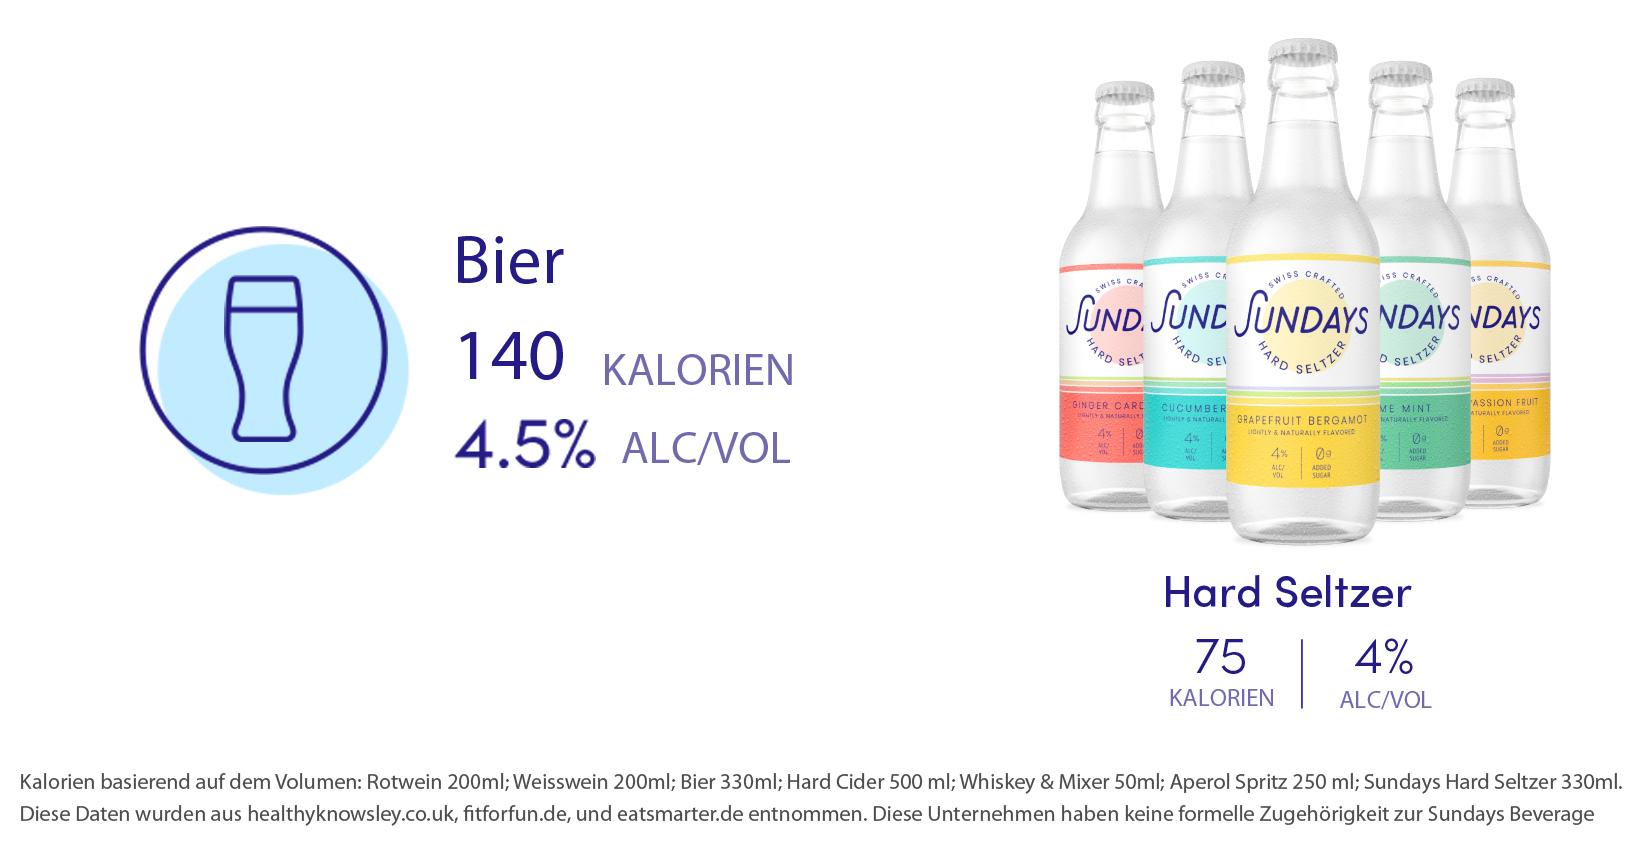 Hard Seltzer verglichen mit Bier